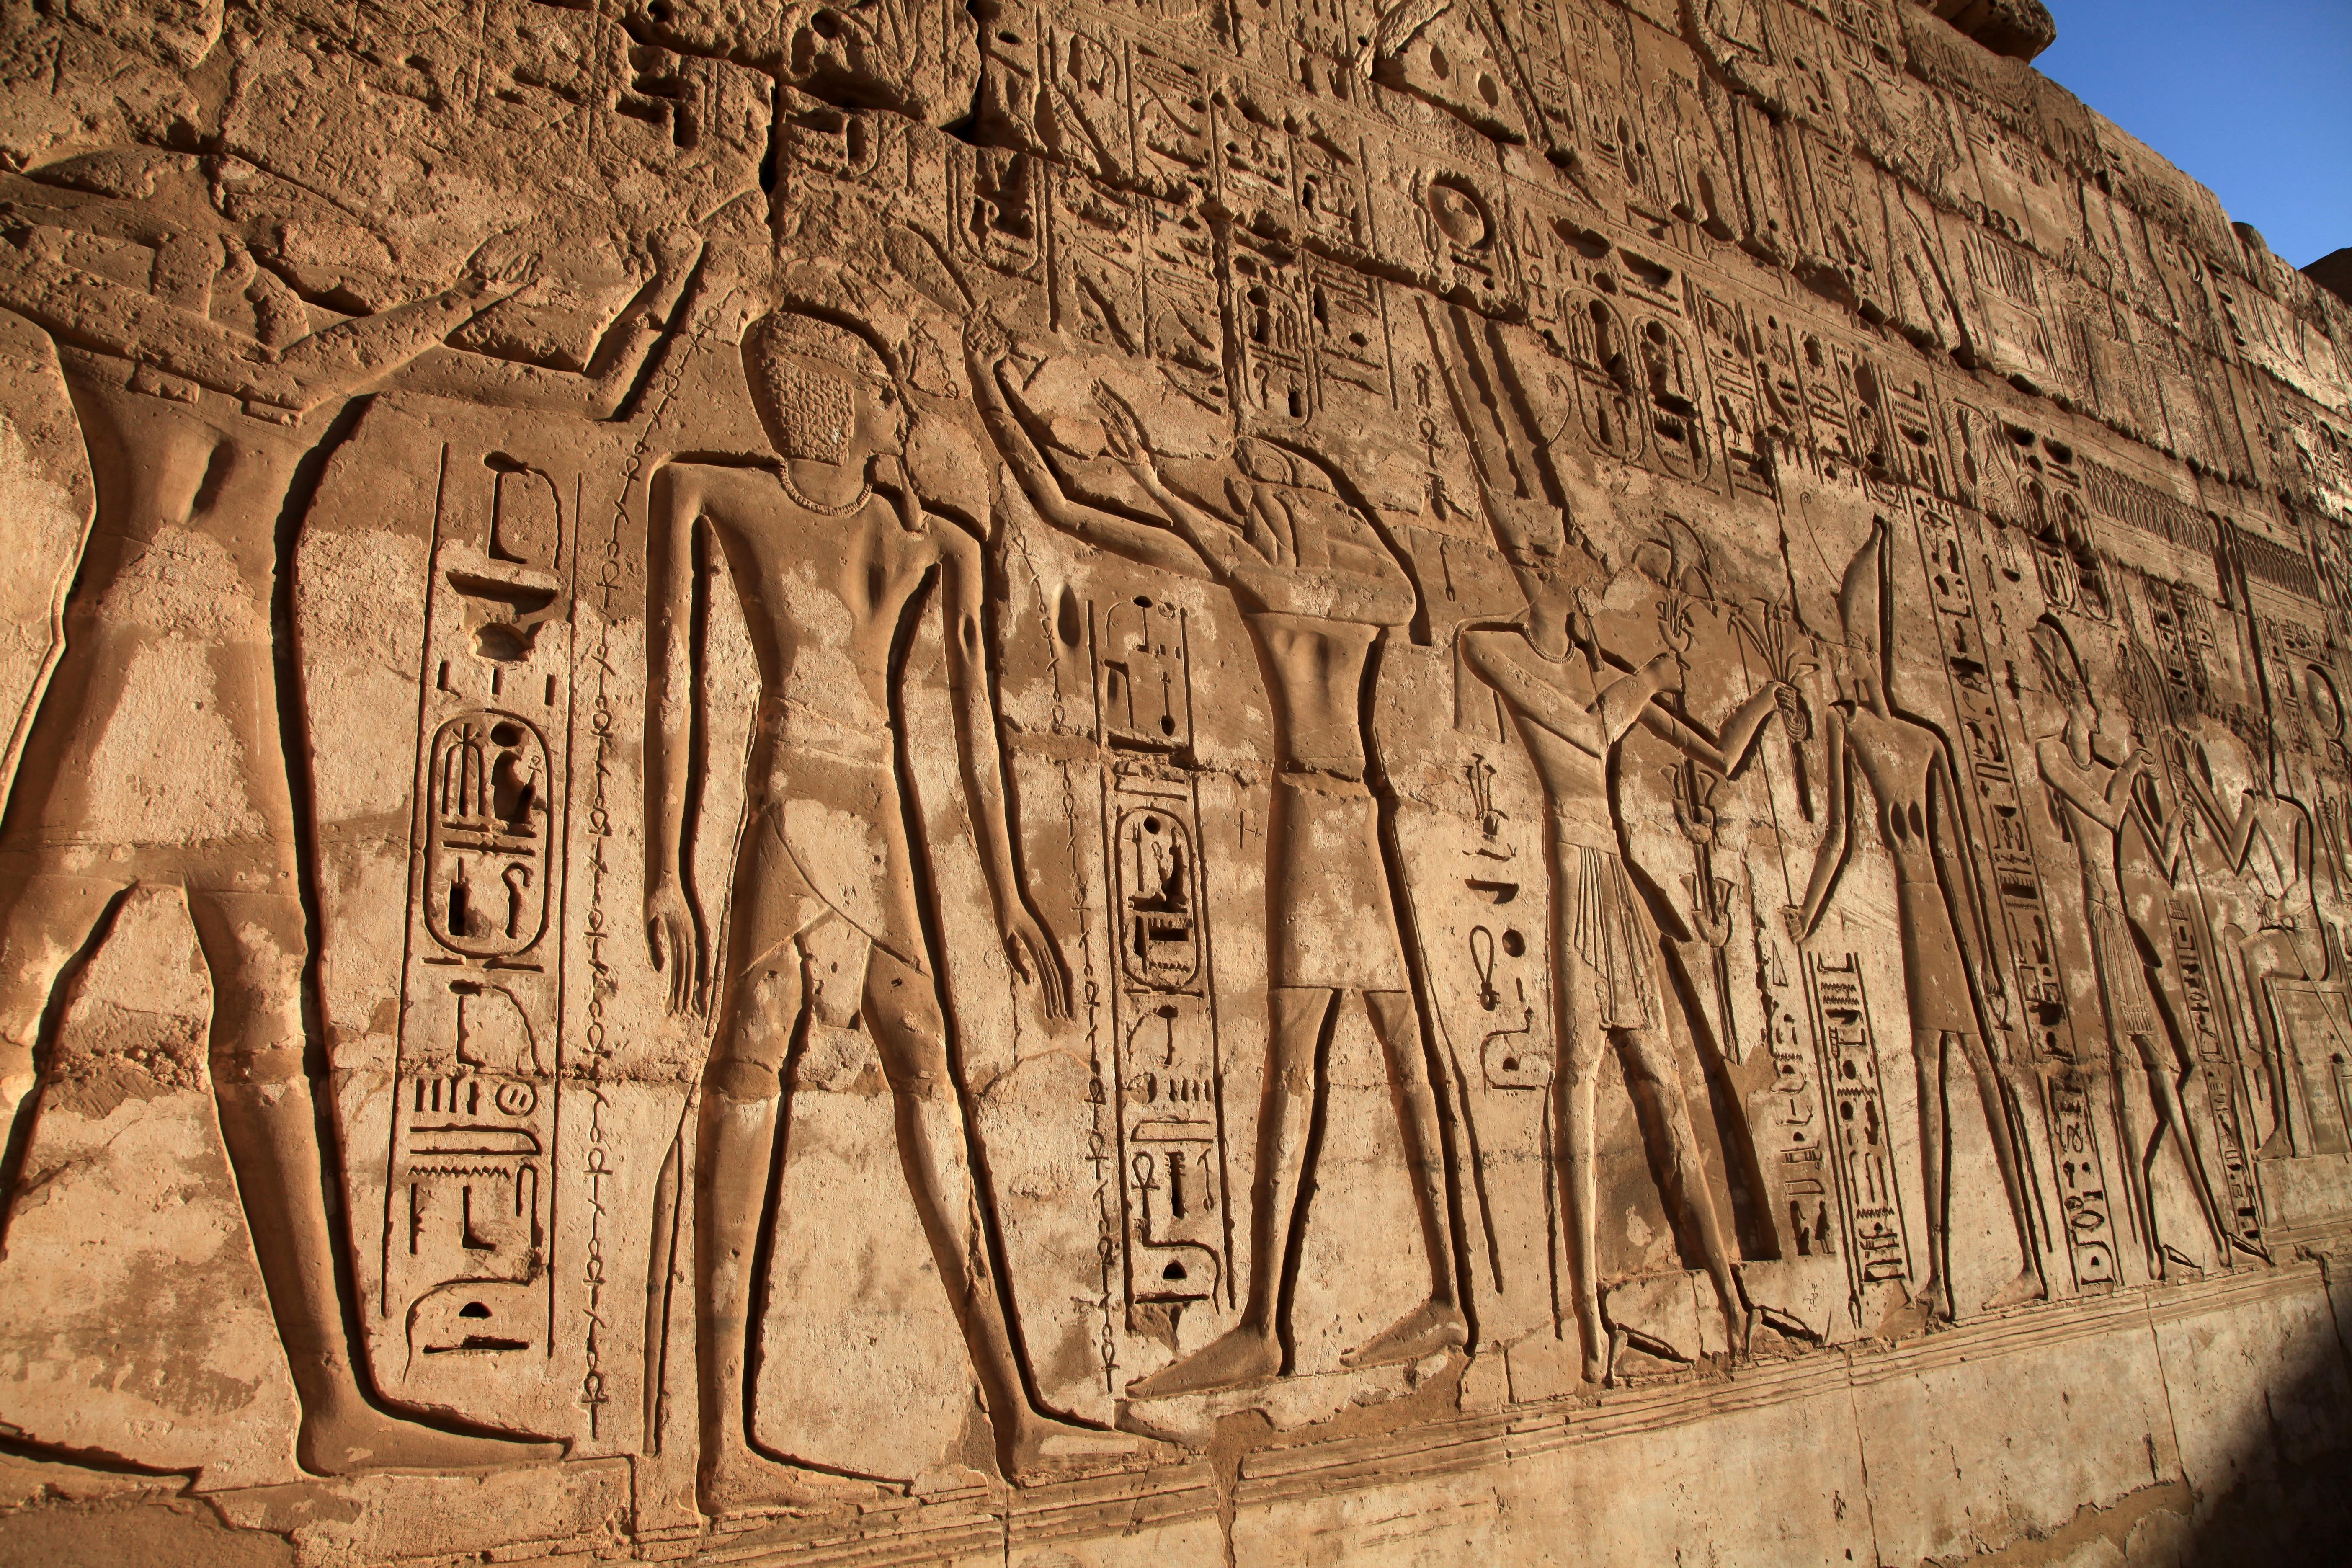 Βασιλιάδες, πολεμιστές, έμποροι και φιλόσοφοι «ζωντανεύουν» για να μας διδάξουν